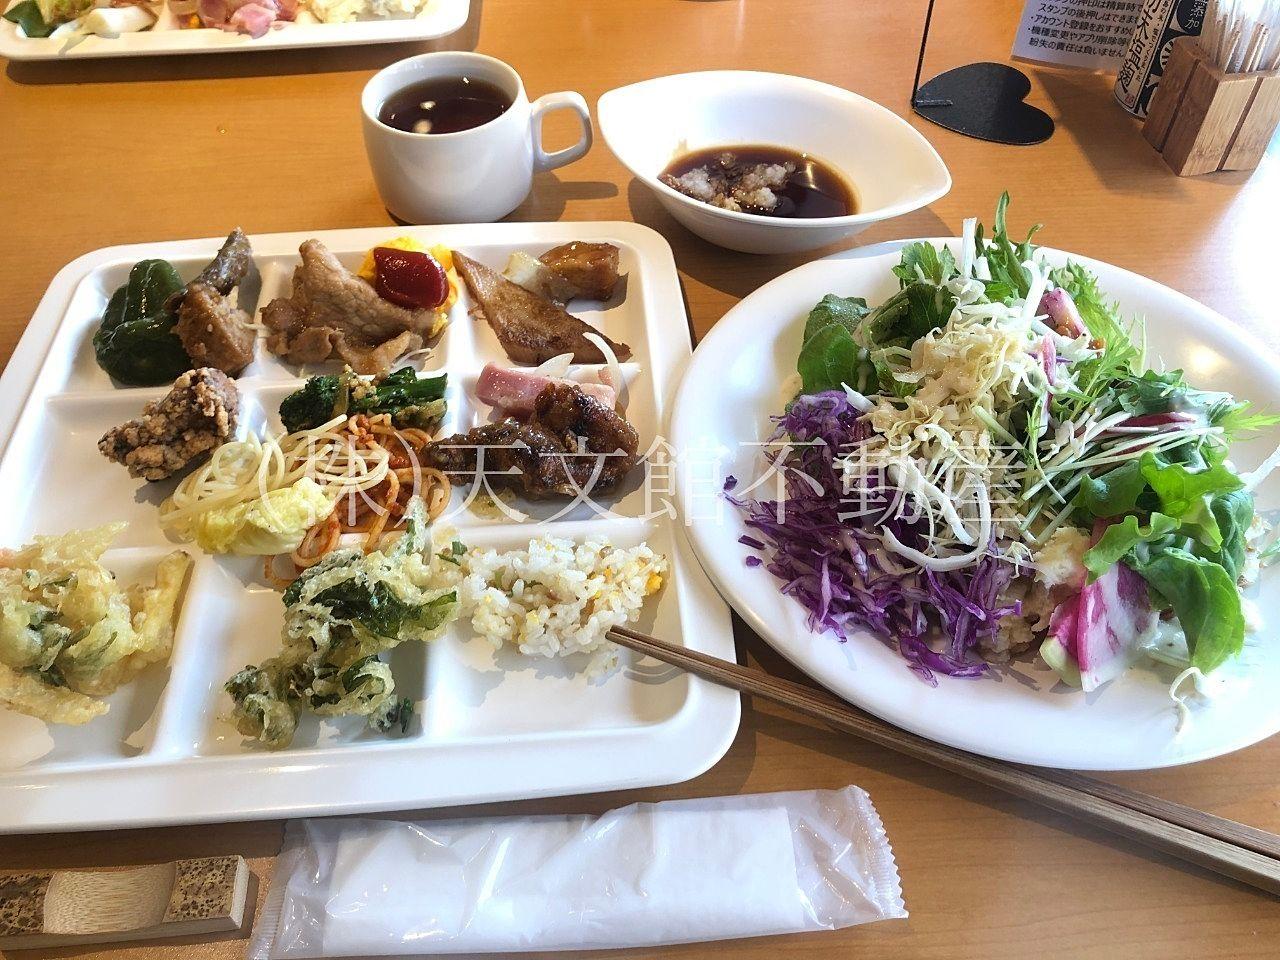 鹿児島市西谷山1丁目のおすすめバイキング農家レストランたわわは野菜の種類が多いお店です。